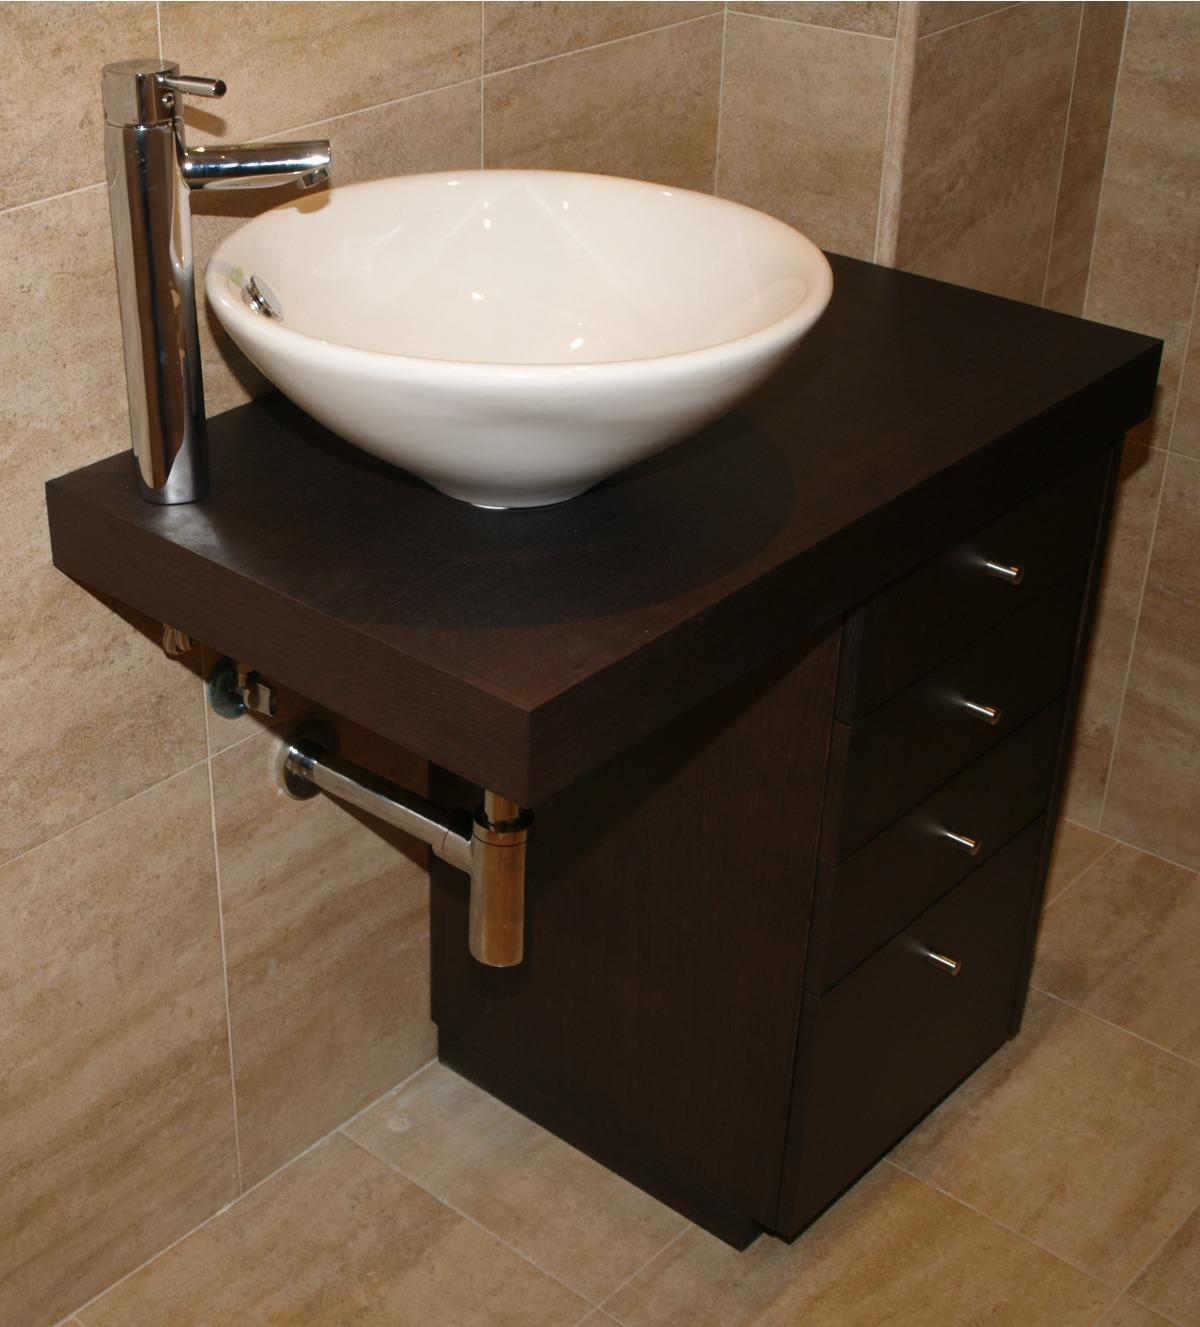 Encimeras Baño Wengue:Muebles de baño en wengue a medida